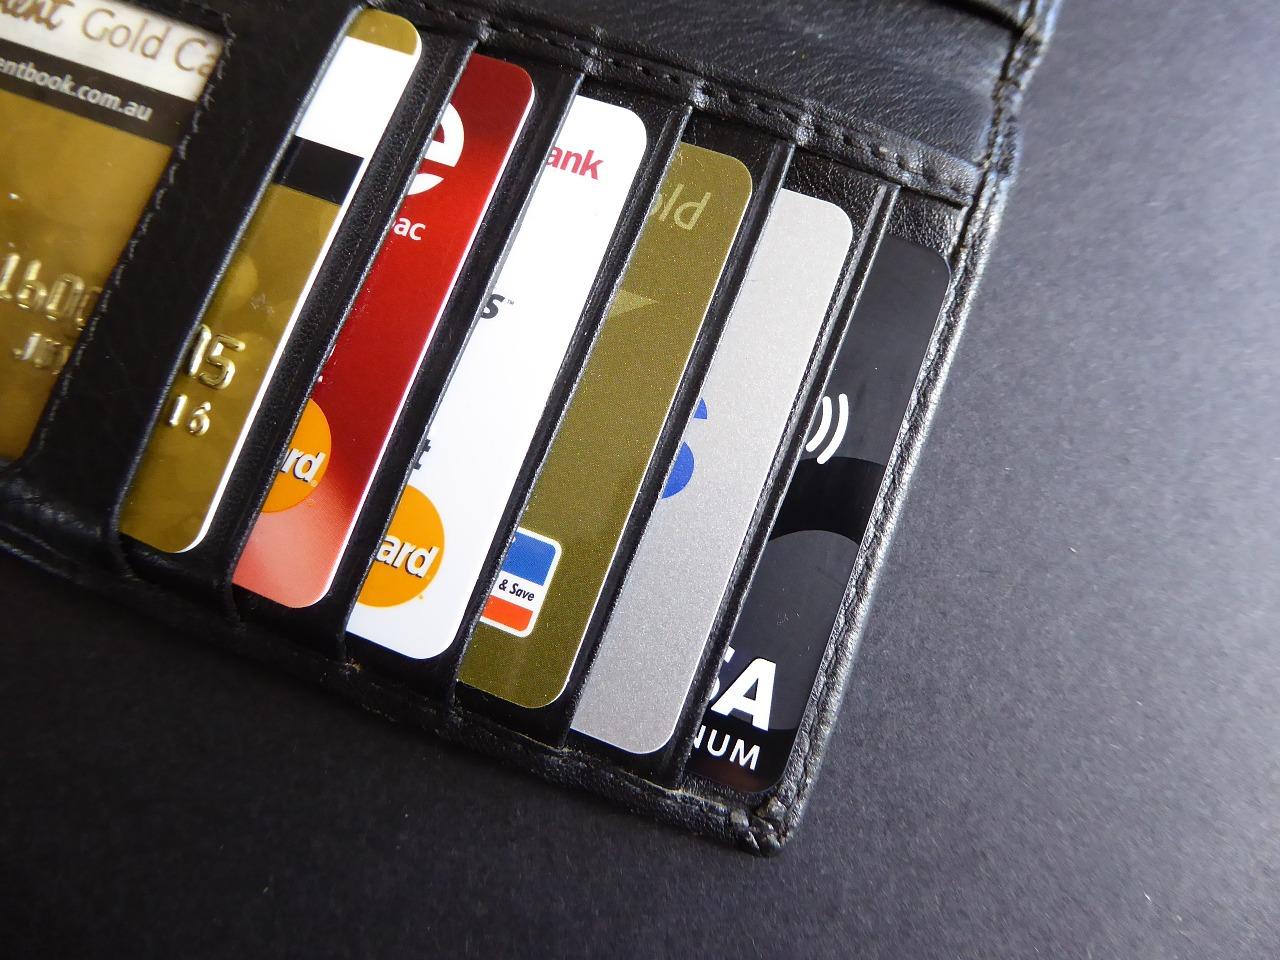 tarjetas credito cartera